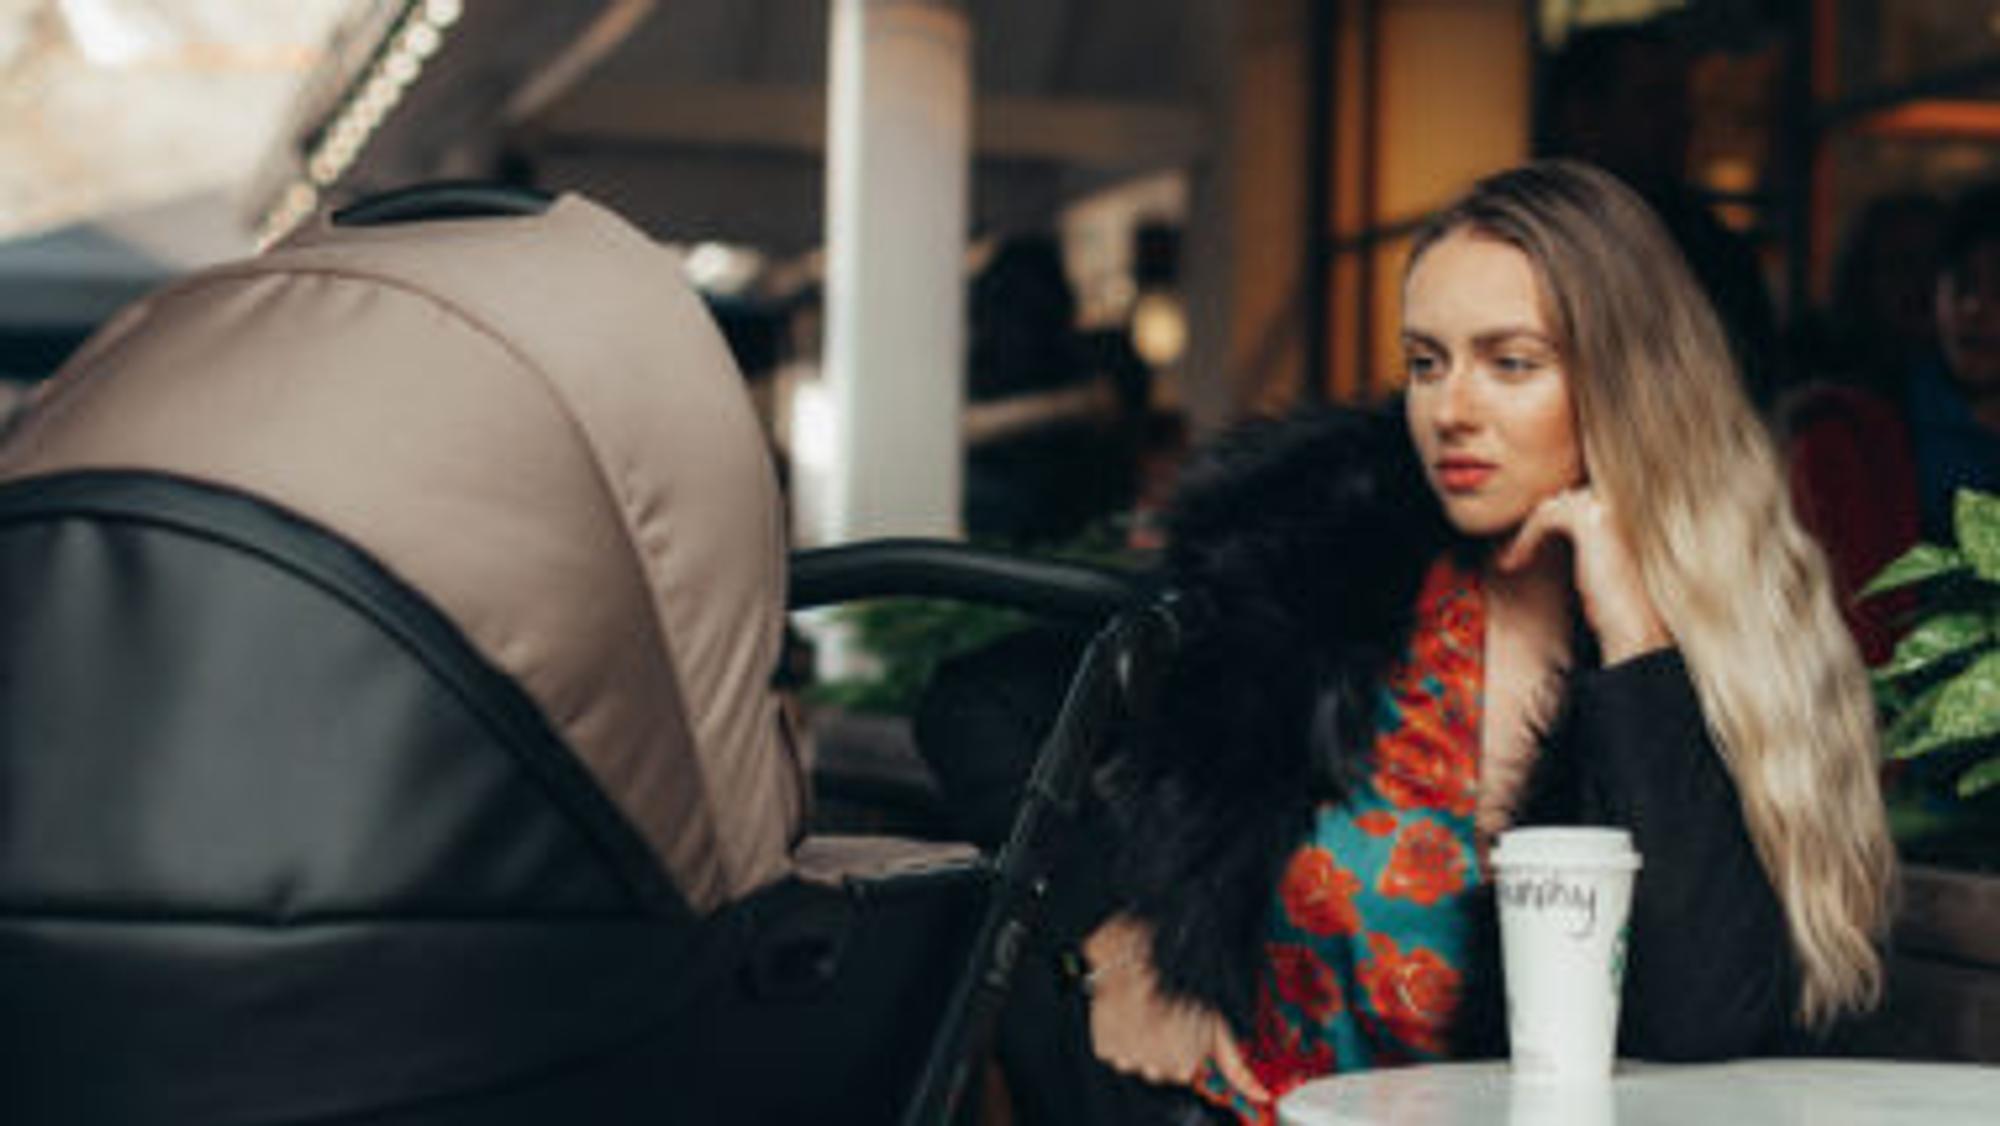 Frau schaut in einem Cafe in einen Kinderwagen